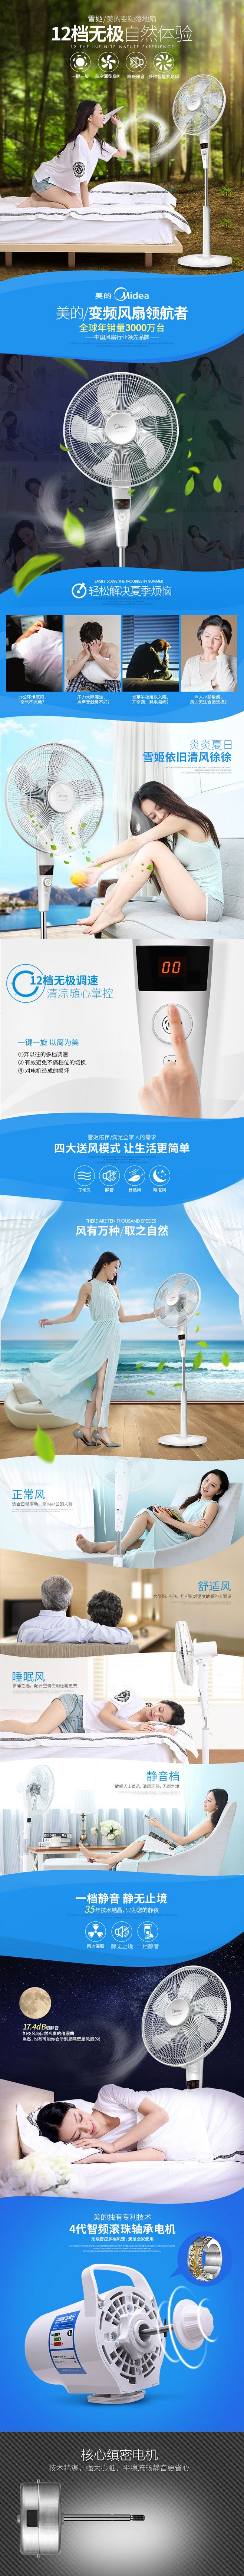 原创作品:美的电风扇详情页